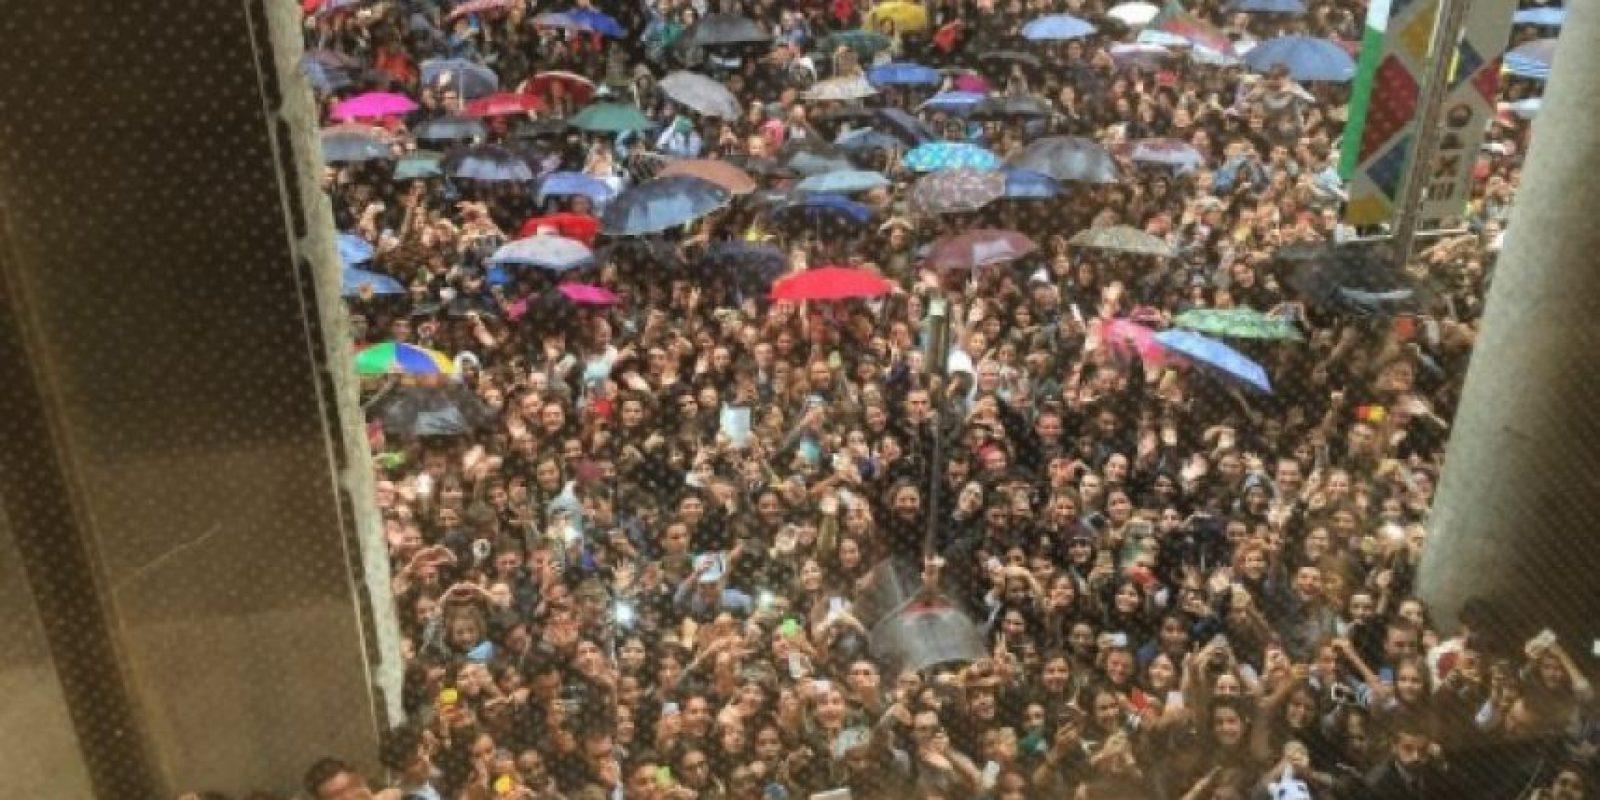 Su visita provocó que cerca de dos mil adolescentes abarrotaran el lugar. Foto:instagram.com/caradelevingne